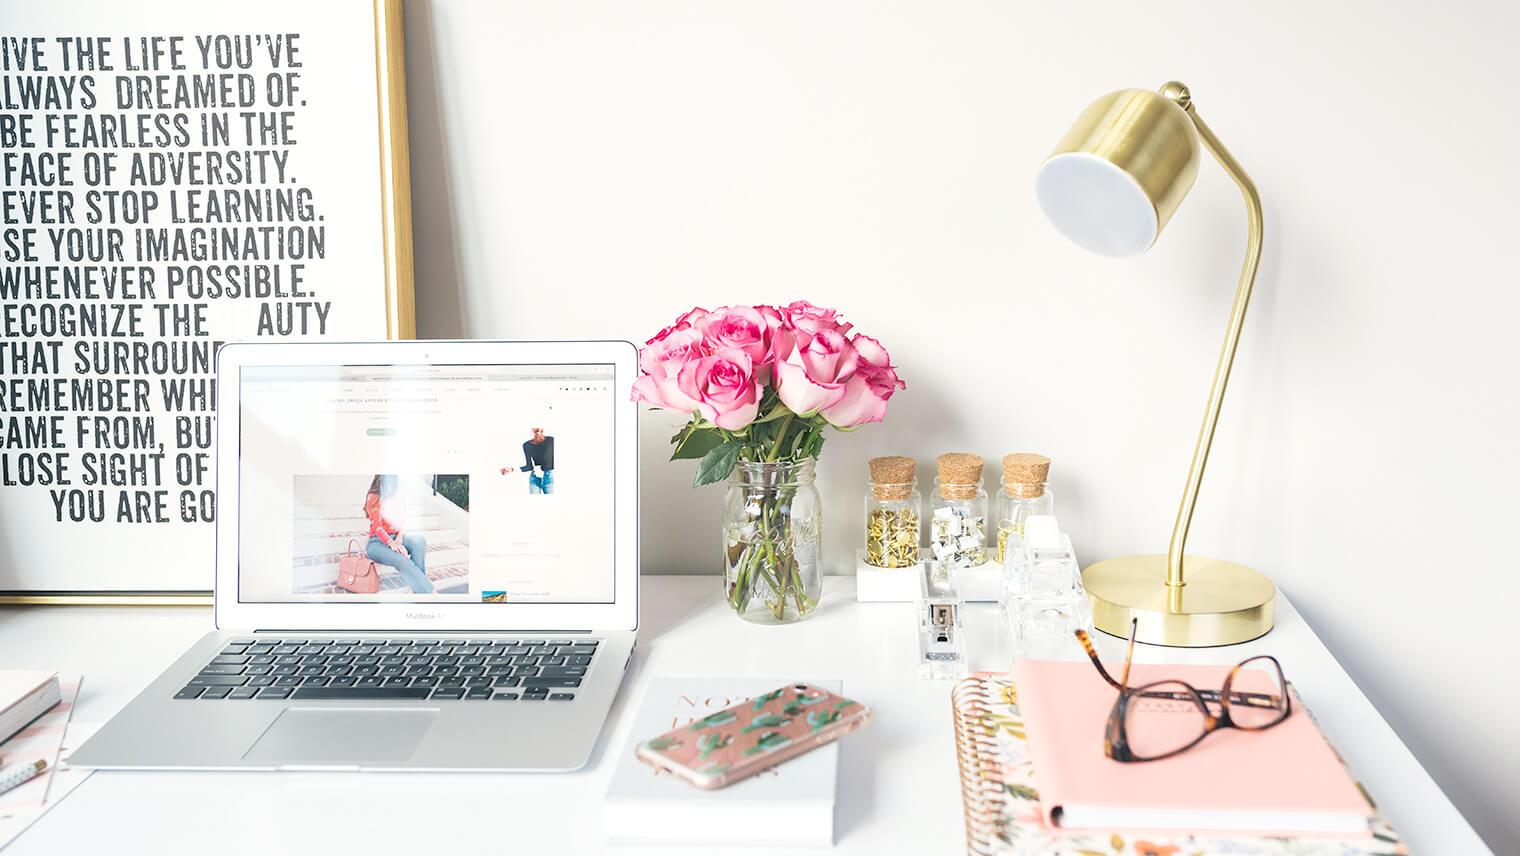 机の上にPCやお花、ノートなど可愛いものが並んでいる画像